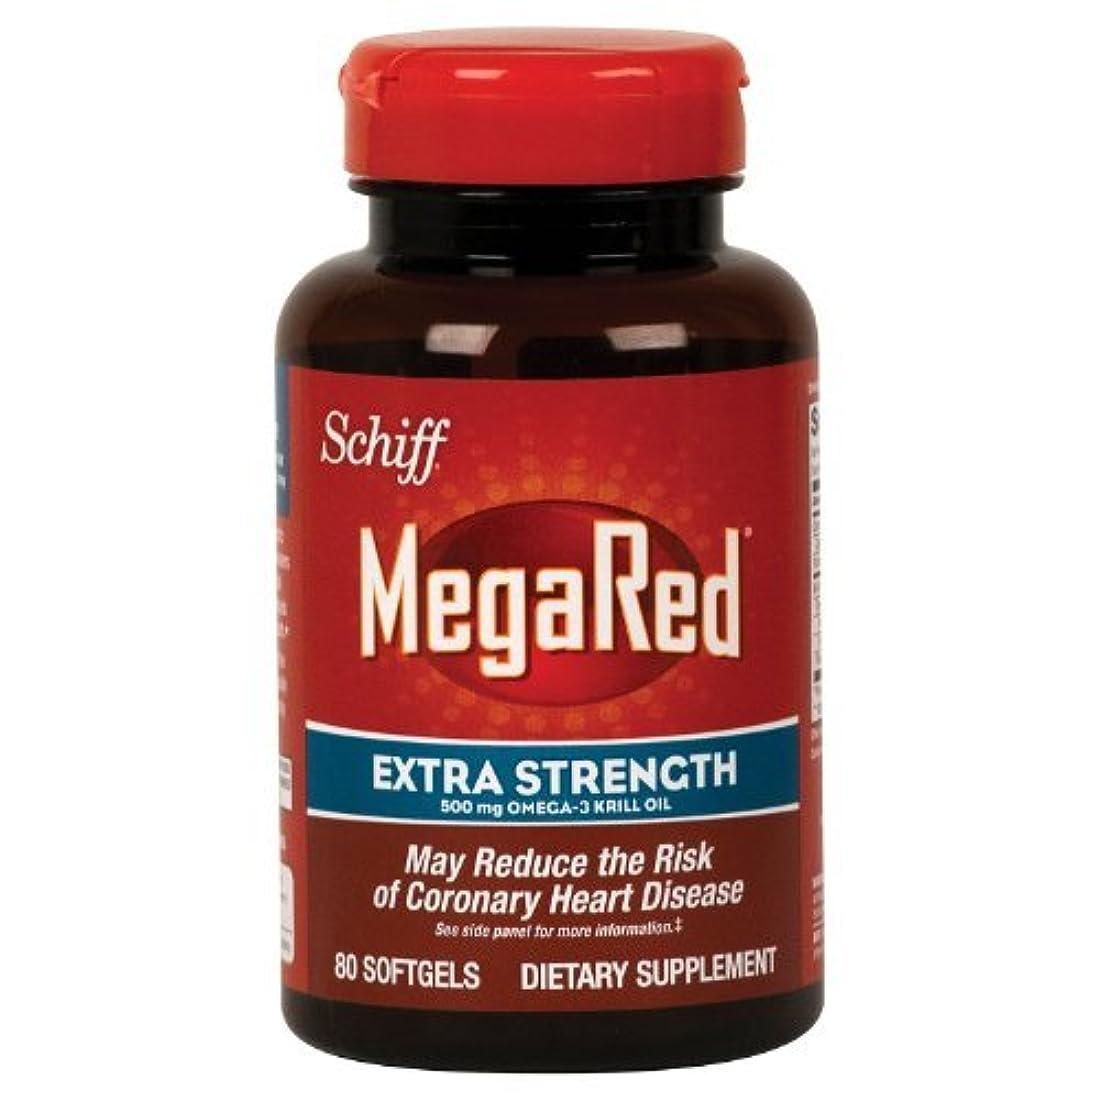 ハードウェアタオル払い戻しSchiff Megared Extra Strength 500mg Omega-3 Krill Oil - 80 Softgels by Simply Right [並行輸入品]